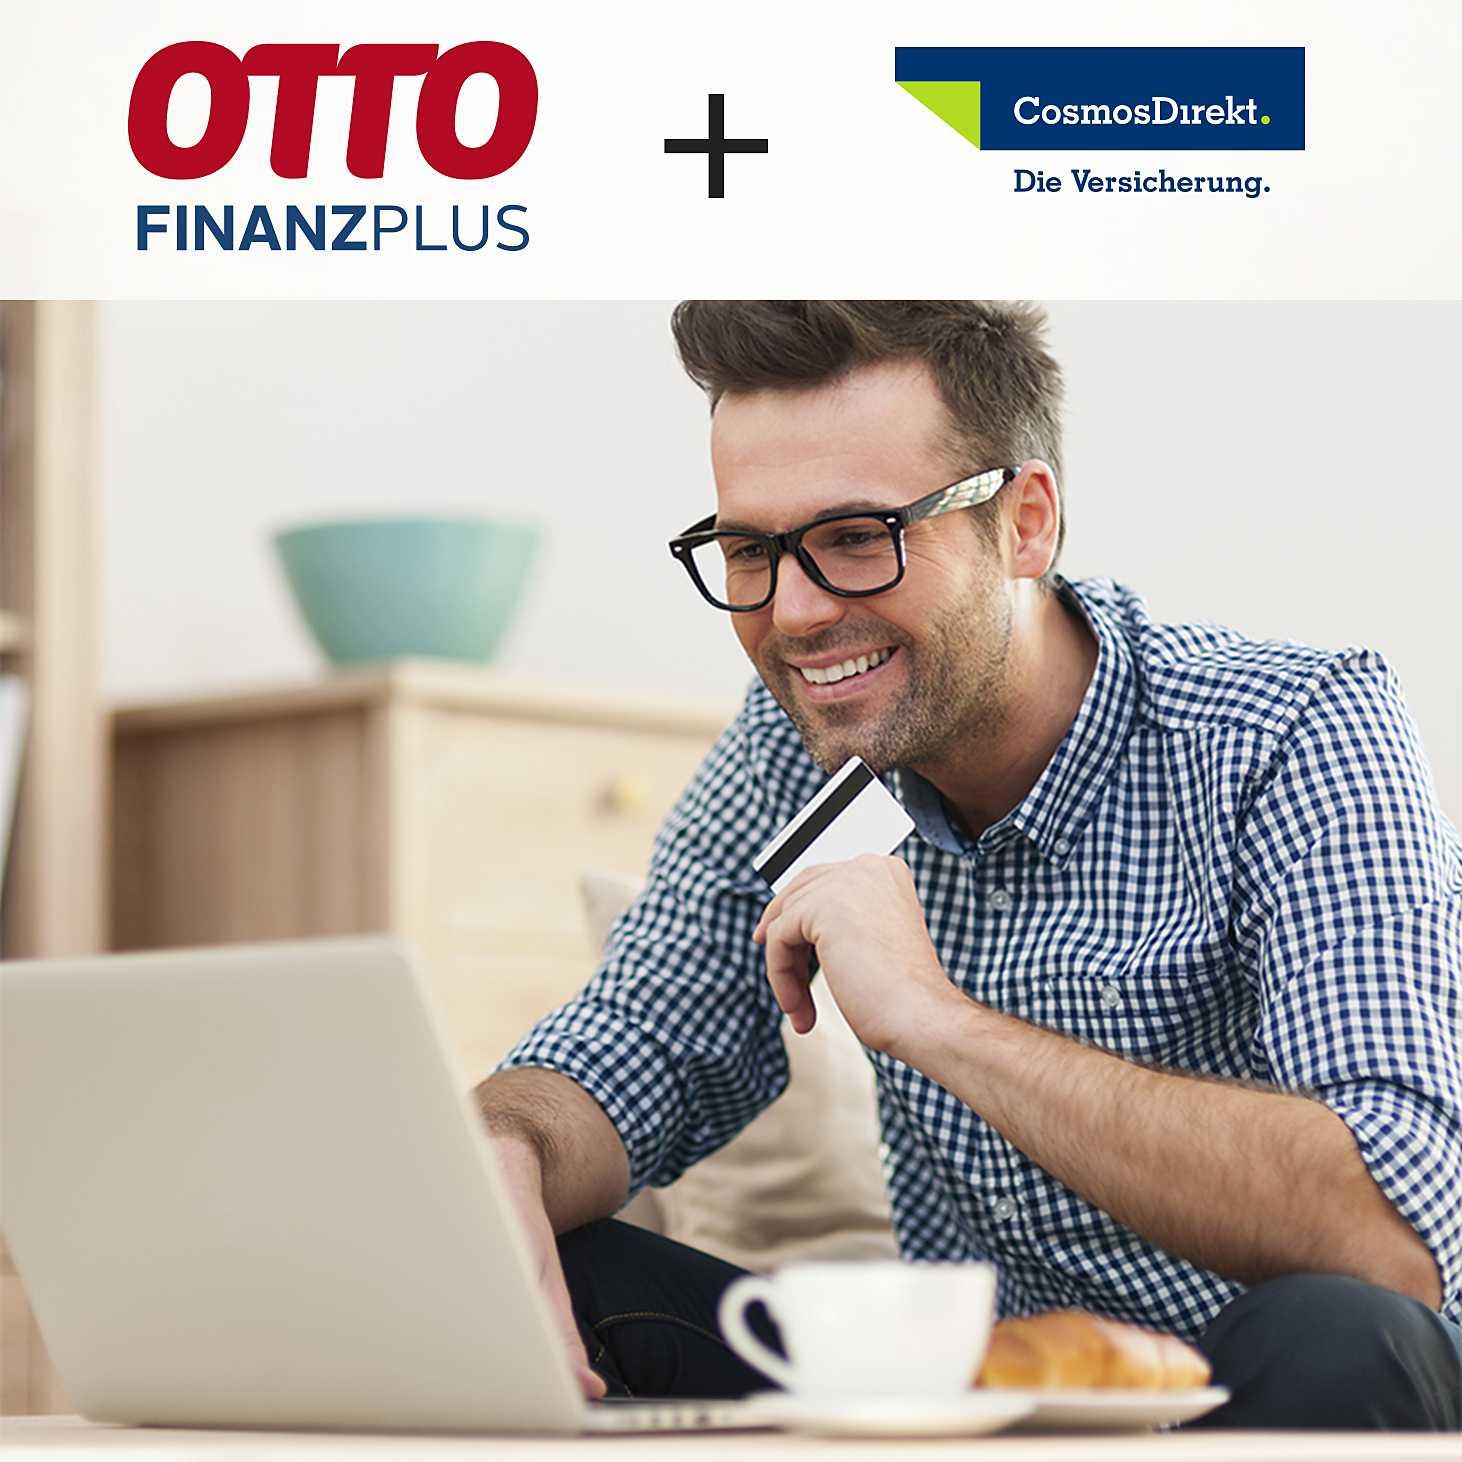 GRATIS 1 Jahr Versicherung CosmosDirekt bzw. OTTO FinanzSchutz statt €7,90